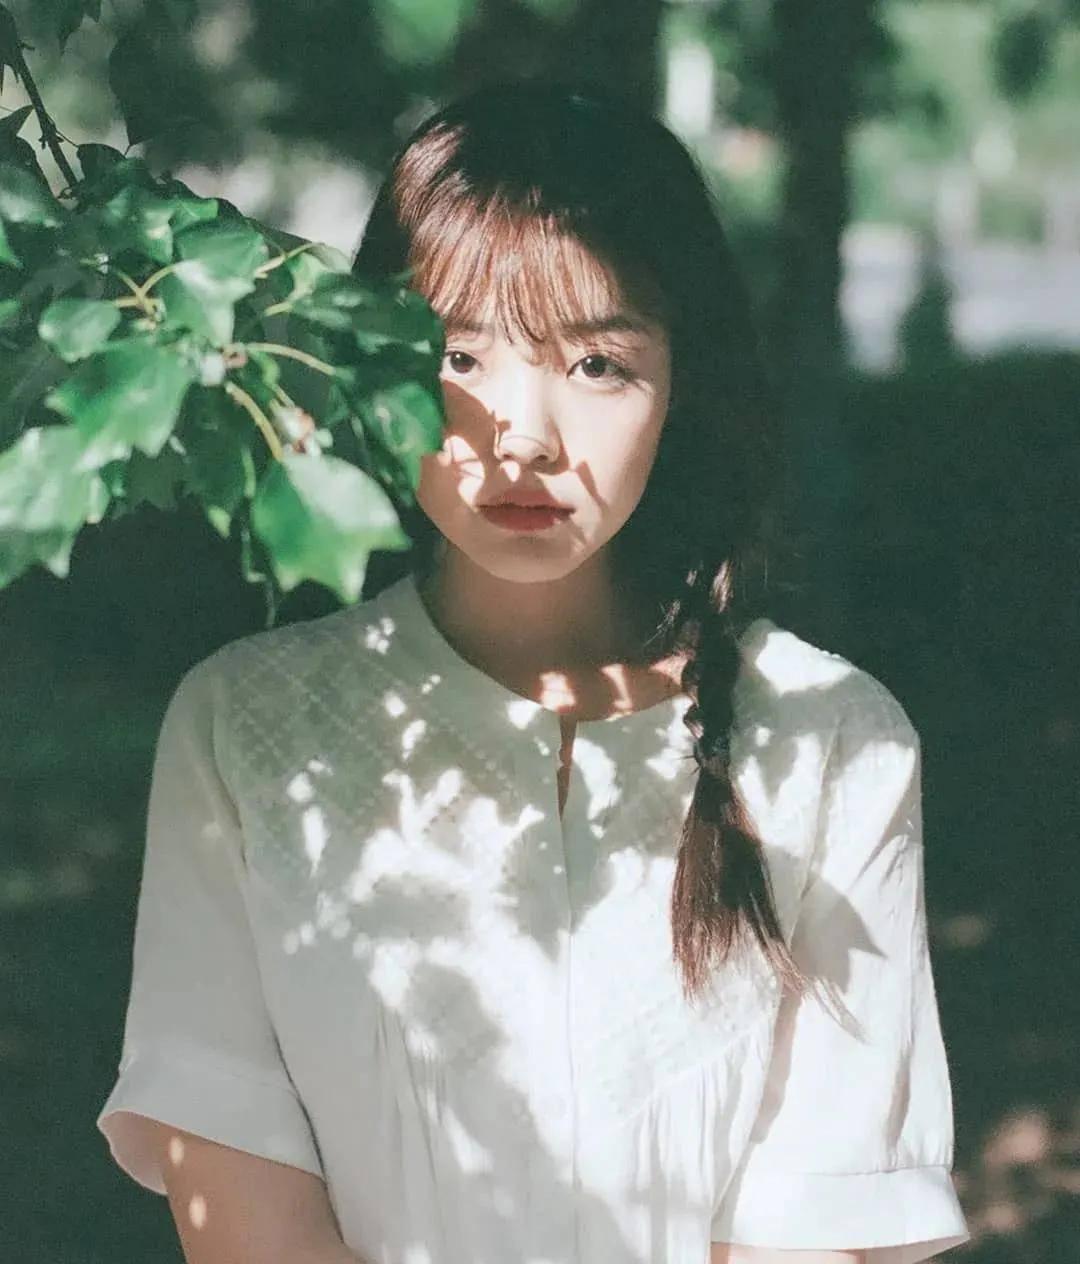 充分利用自然光线拍人像,拍出唯美人像照